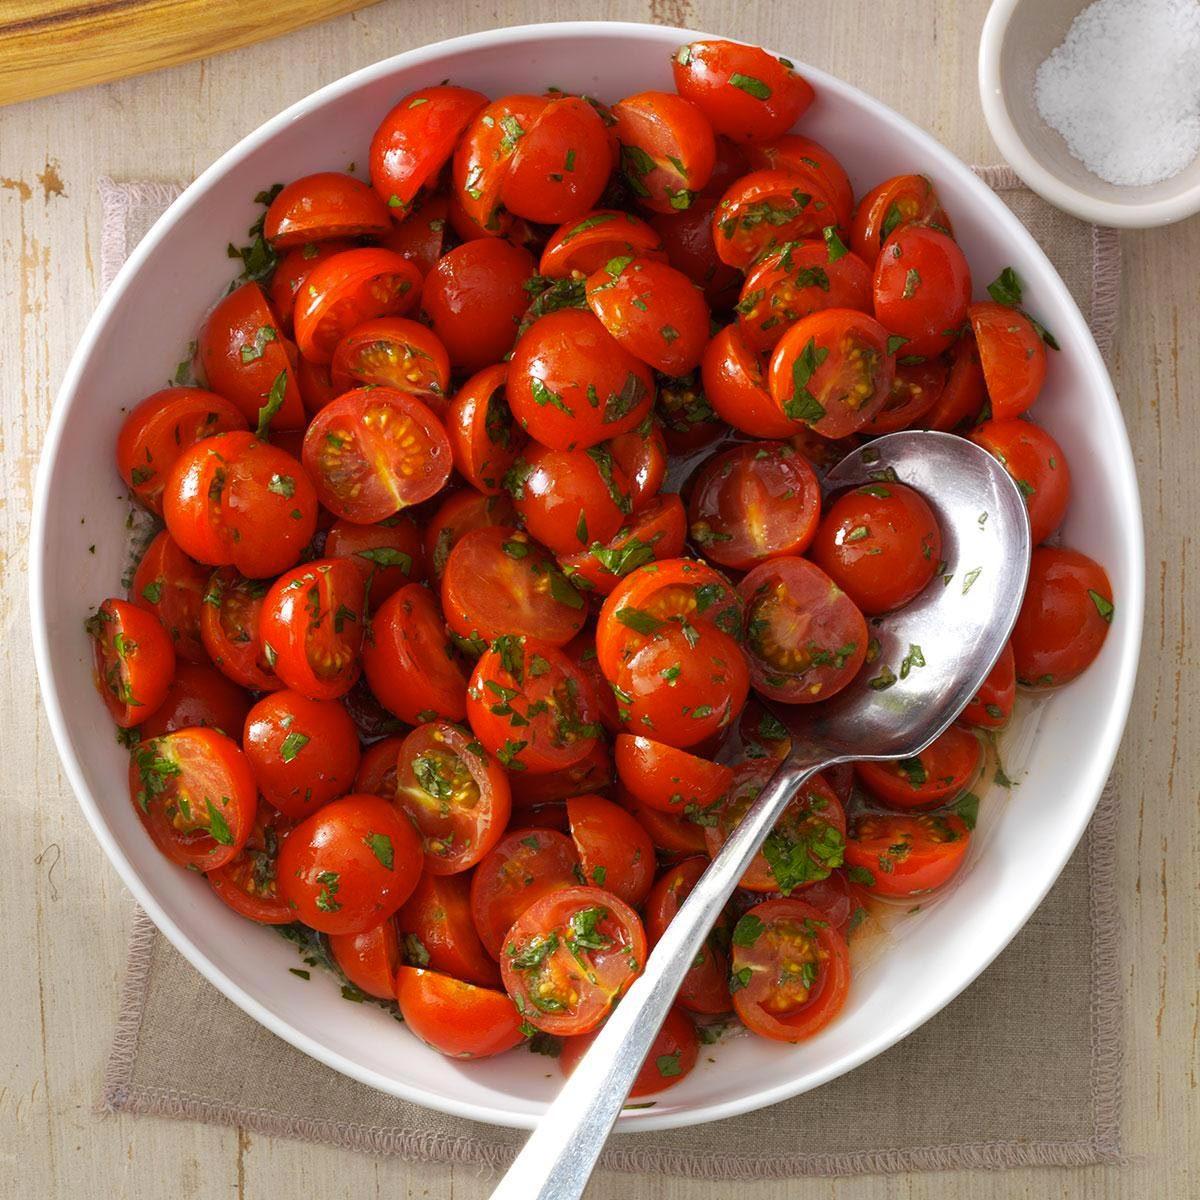 Les meilleurs aliments pour avoir une belle peau : les tomates.